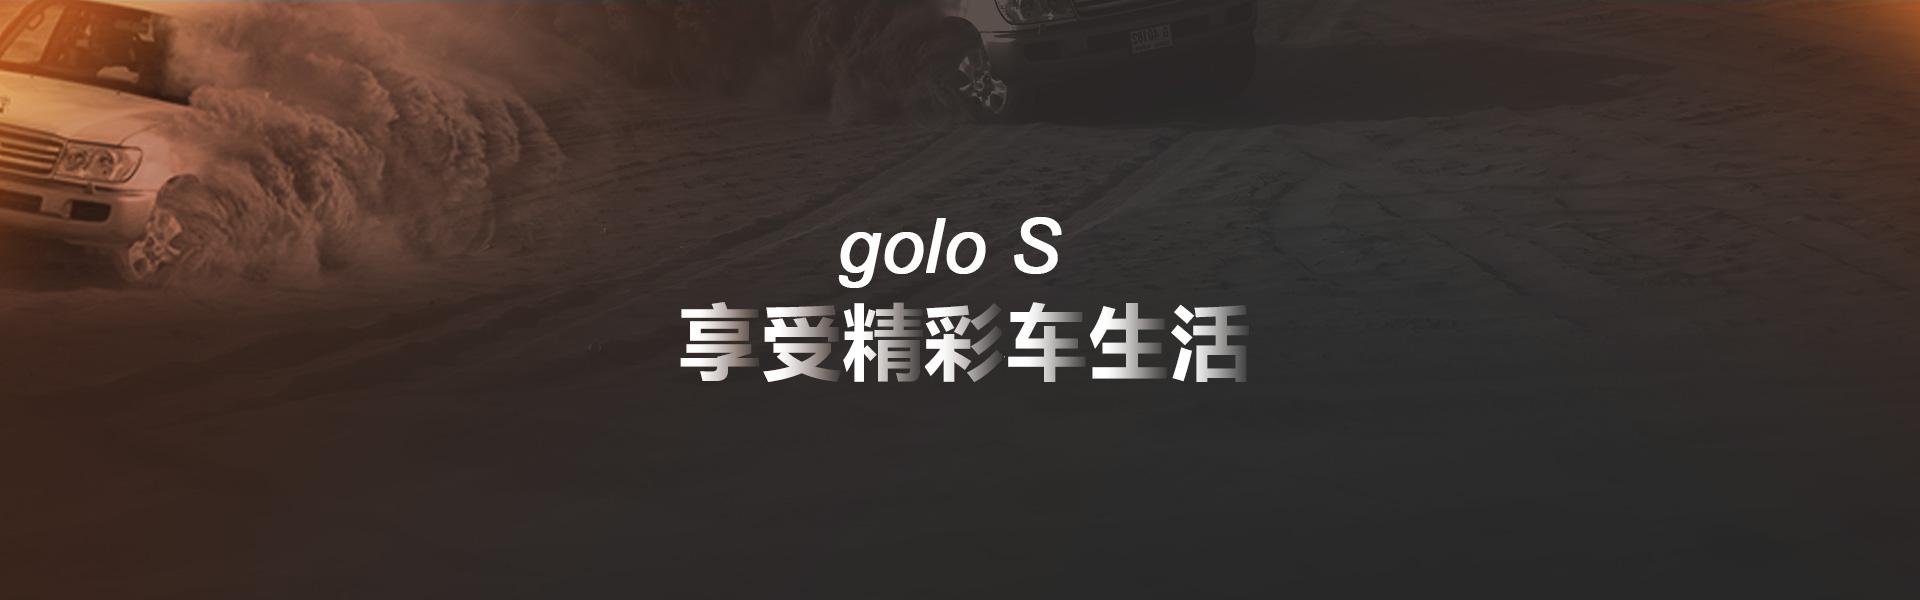 golo S